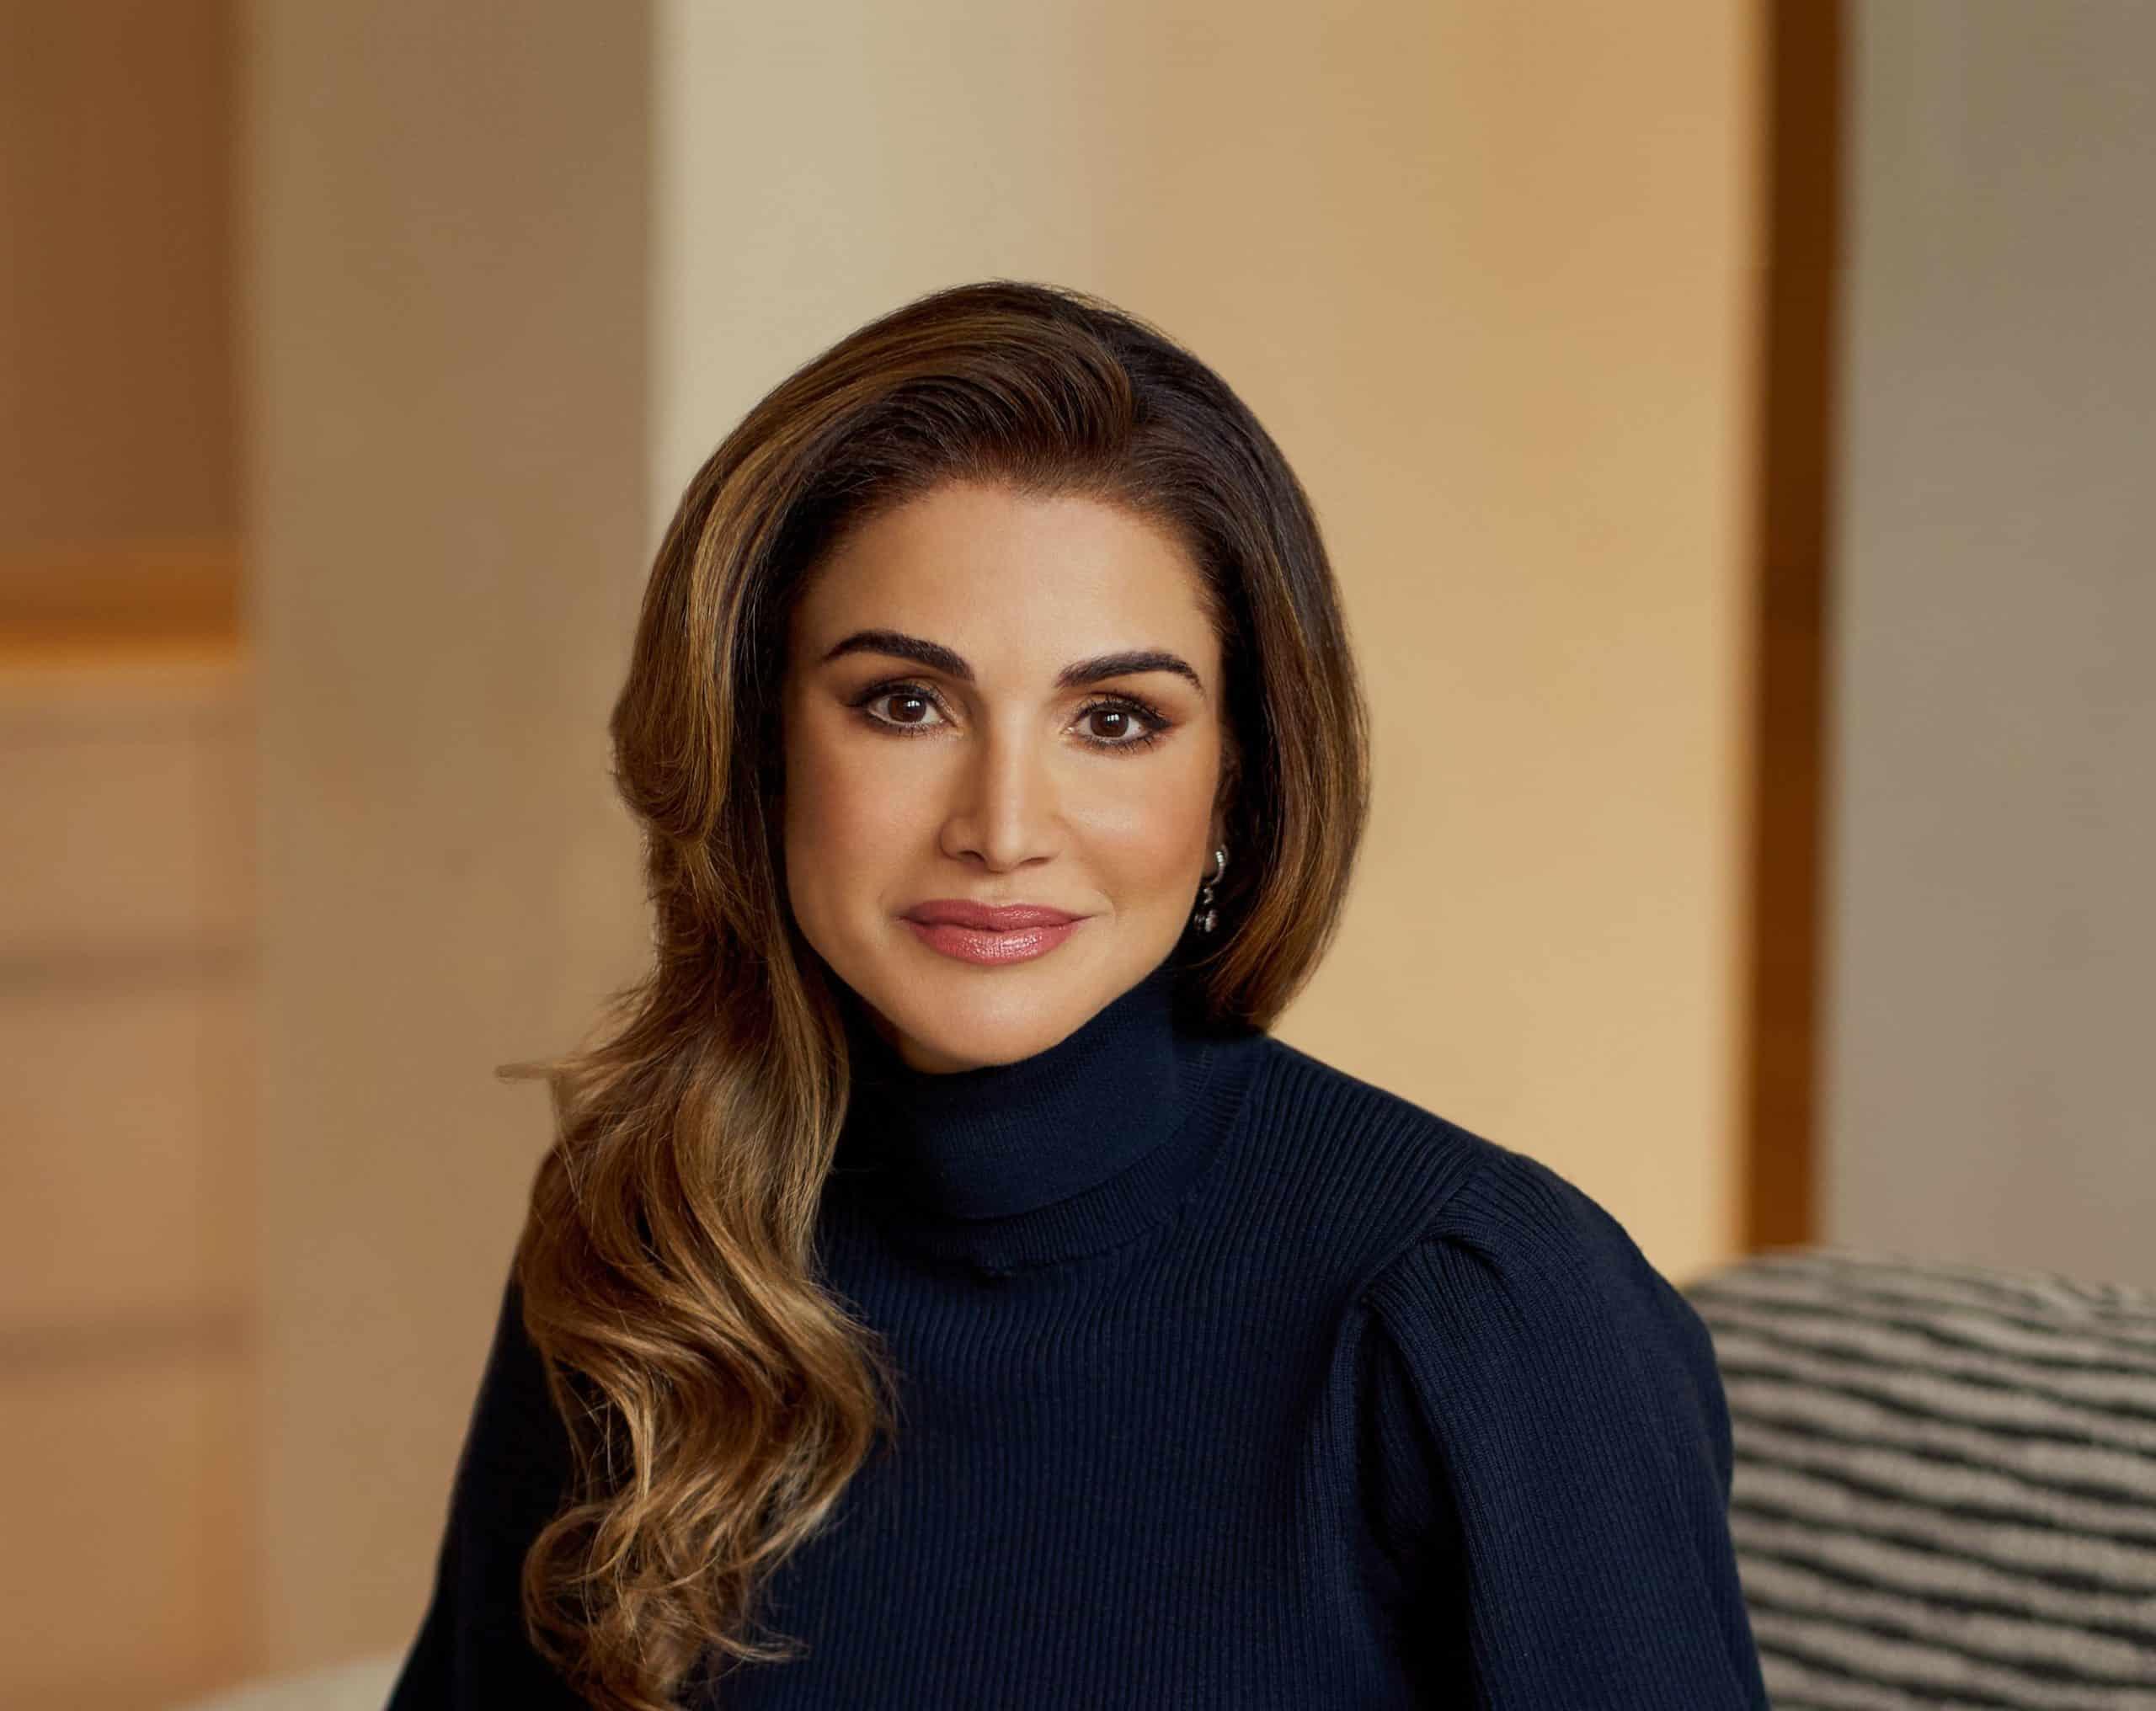 Königin Rania: 5 spannende Fakten zum 51. Geburtstag